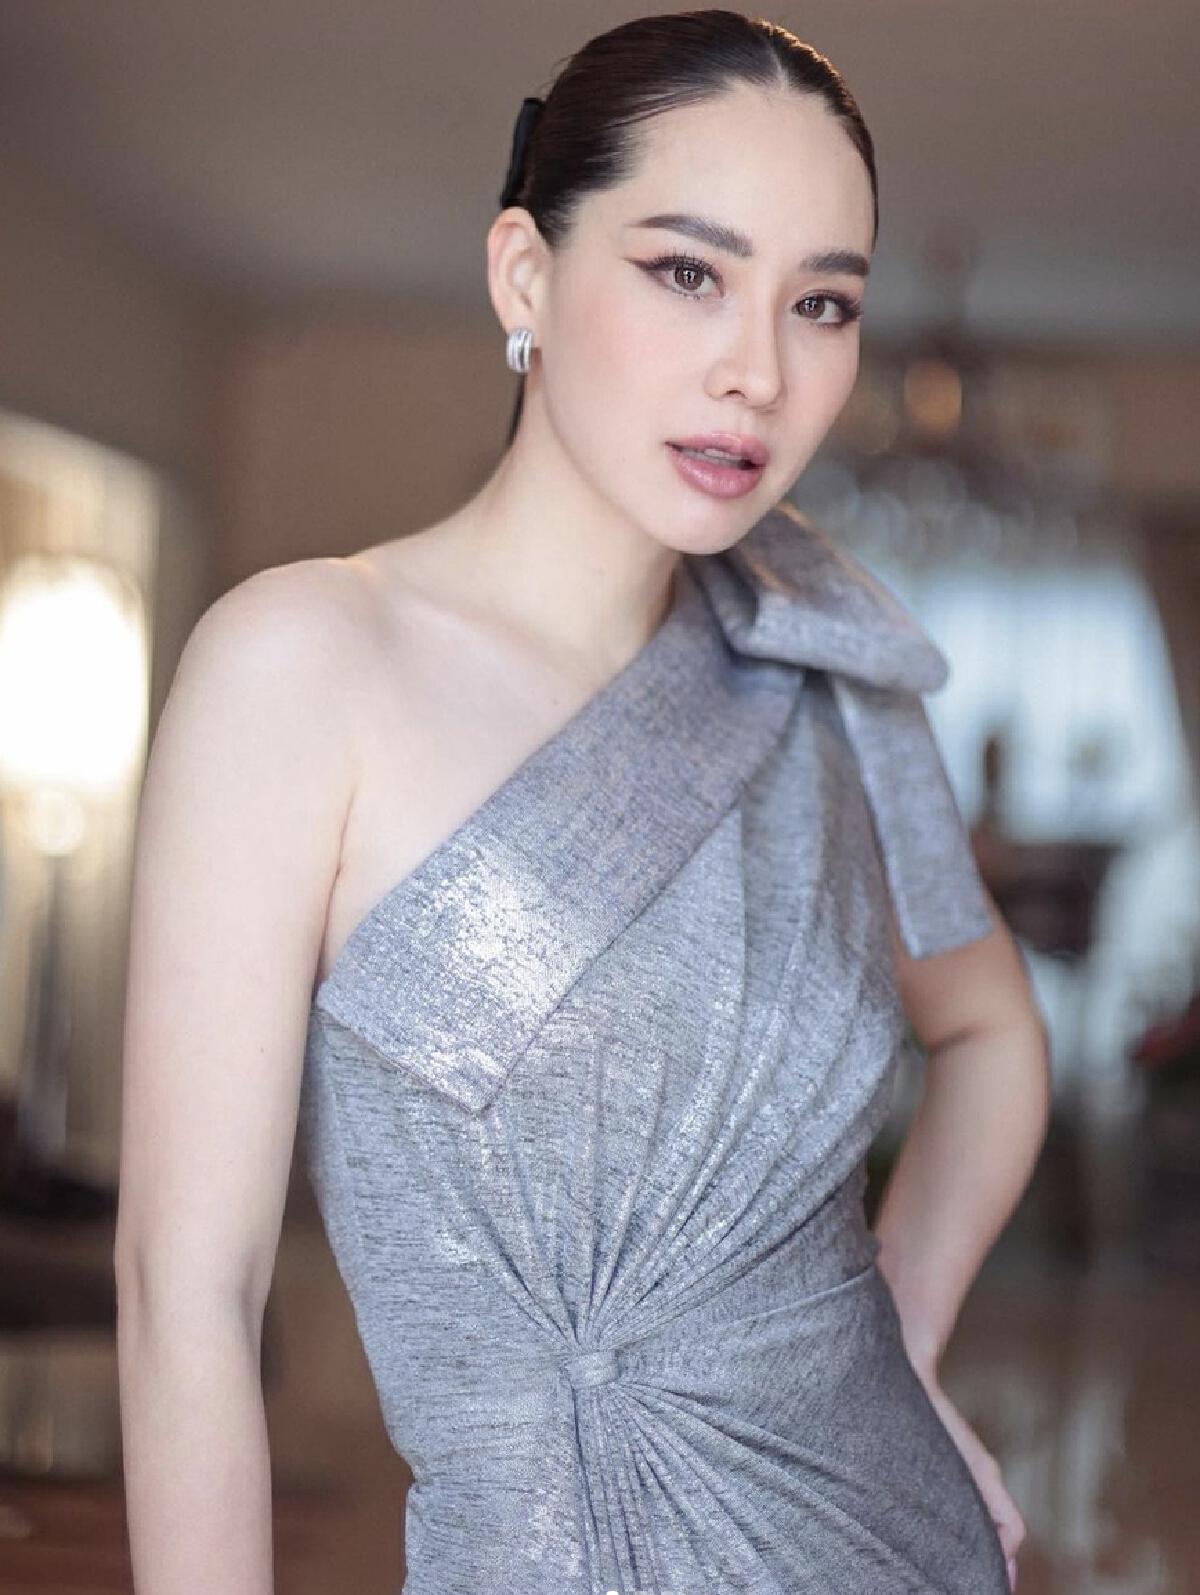 นุ้ย สุจิราอรุณพิพัฒน์ ดีกรีอดีตนางสาวไทยประจำปี 2544